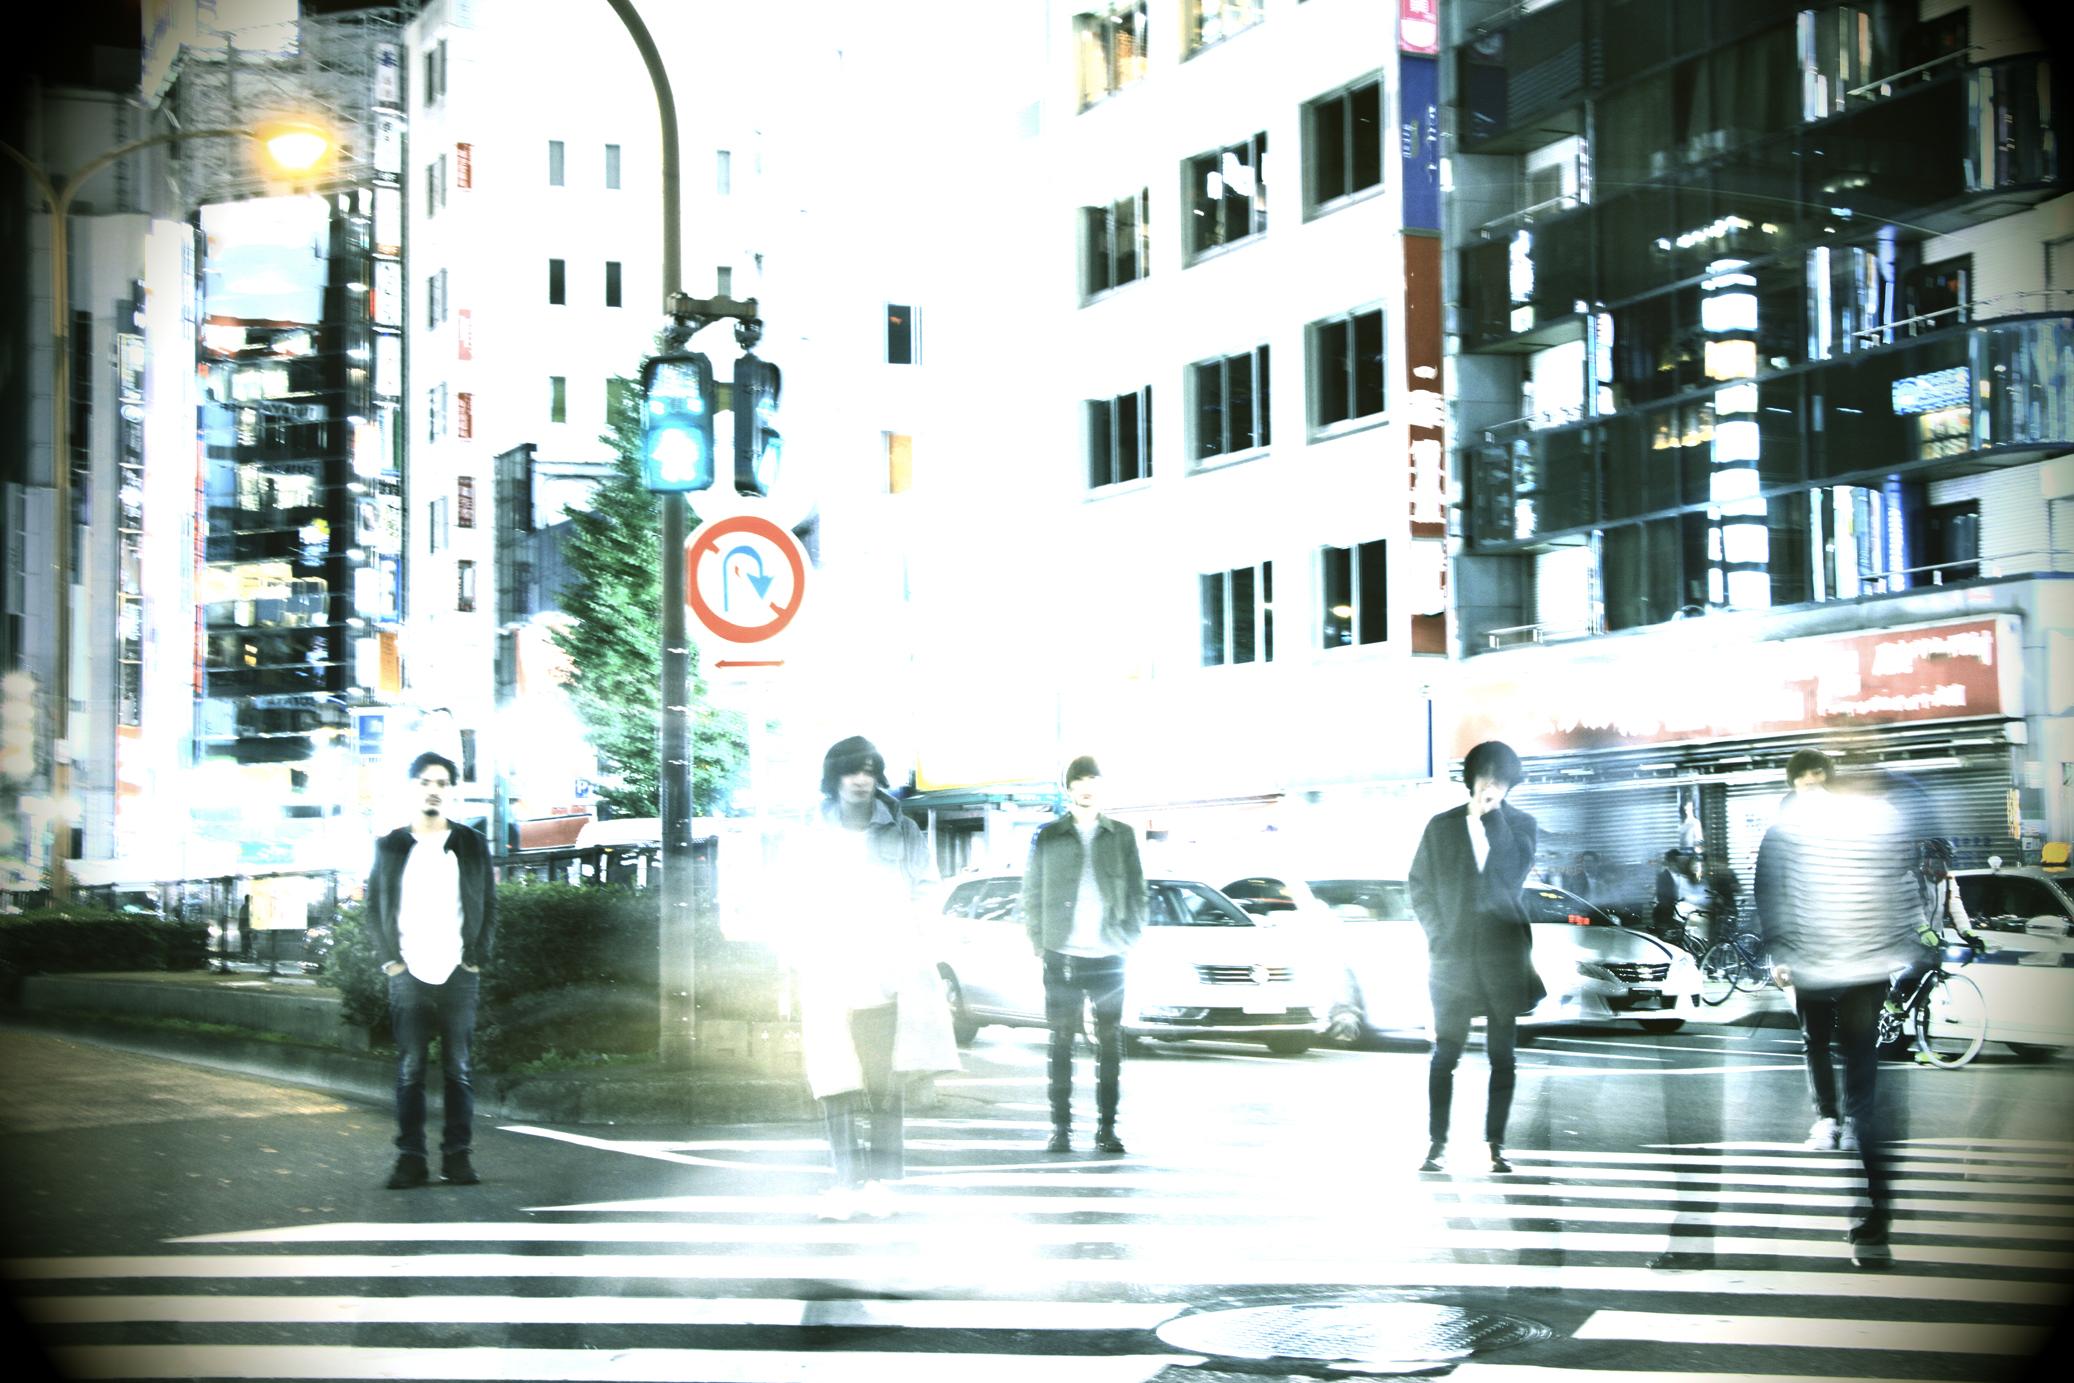 L→R 高橋 誠(Dr)、千野隆尋(Vo)、岡﨑広平(Gu)、伊丸岡亮太(Gu)、宇佐美友啓(Ba)